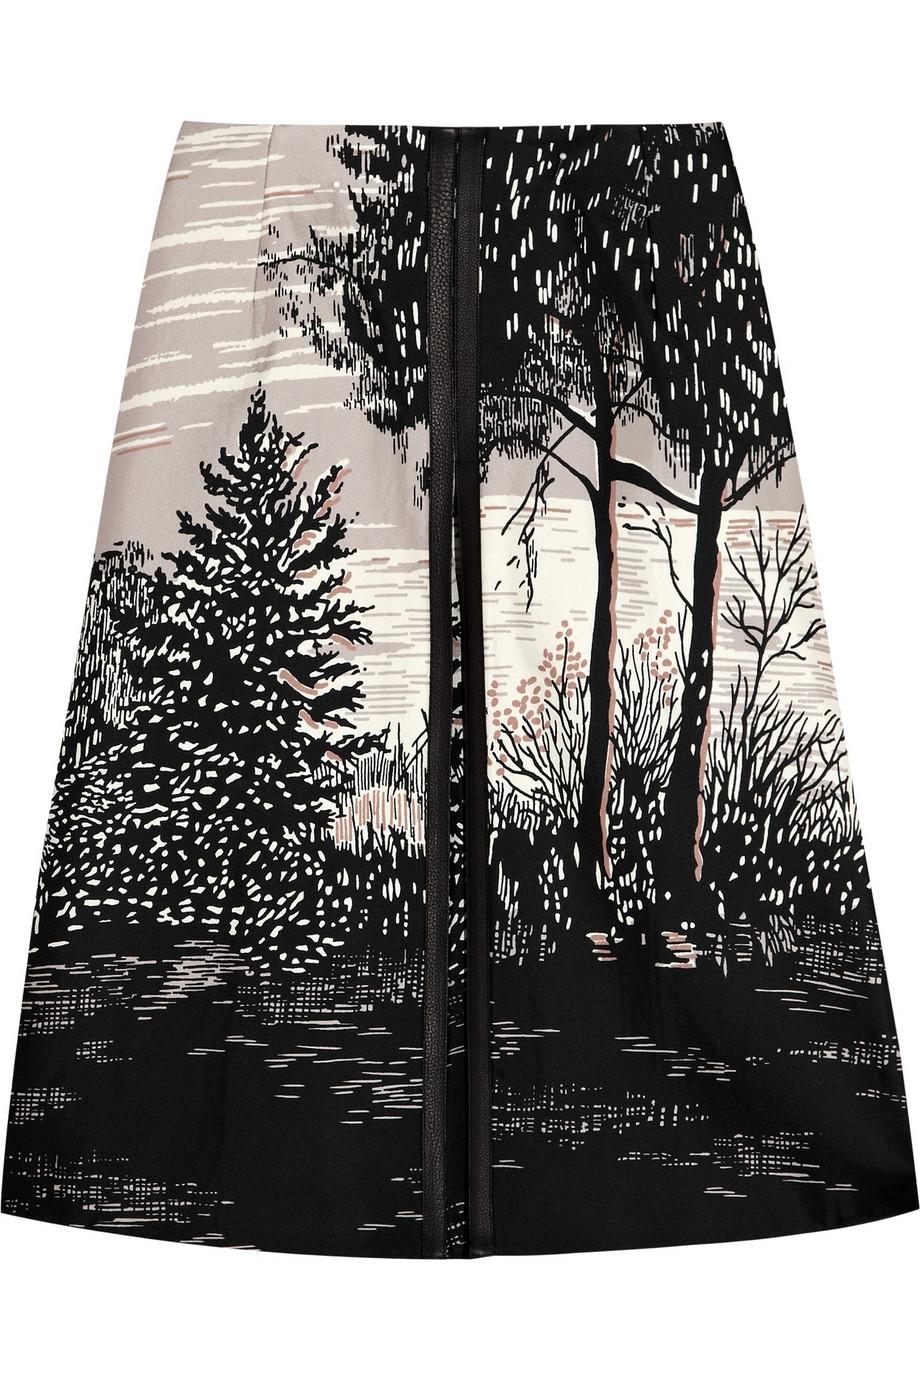 Marni Printed Bonded Silk Skirt